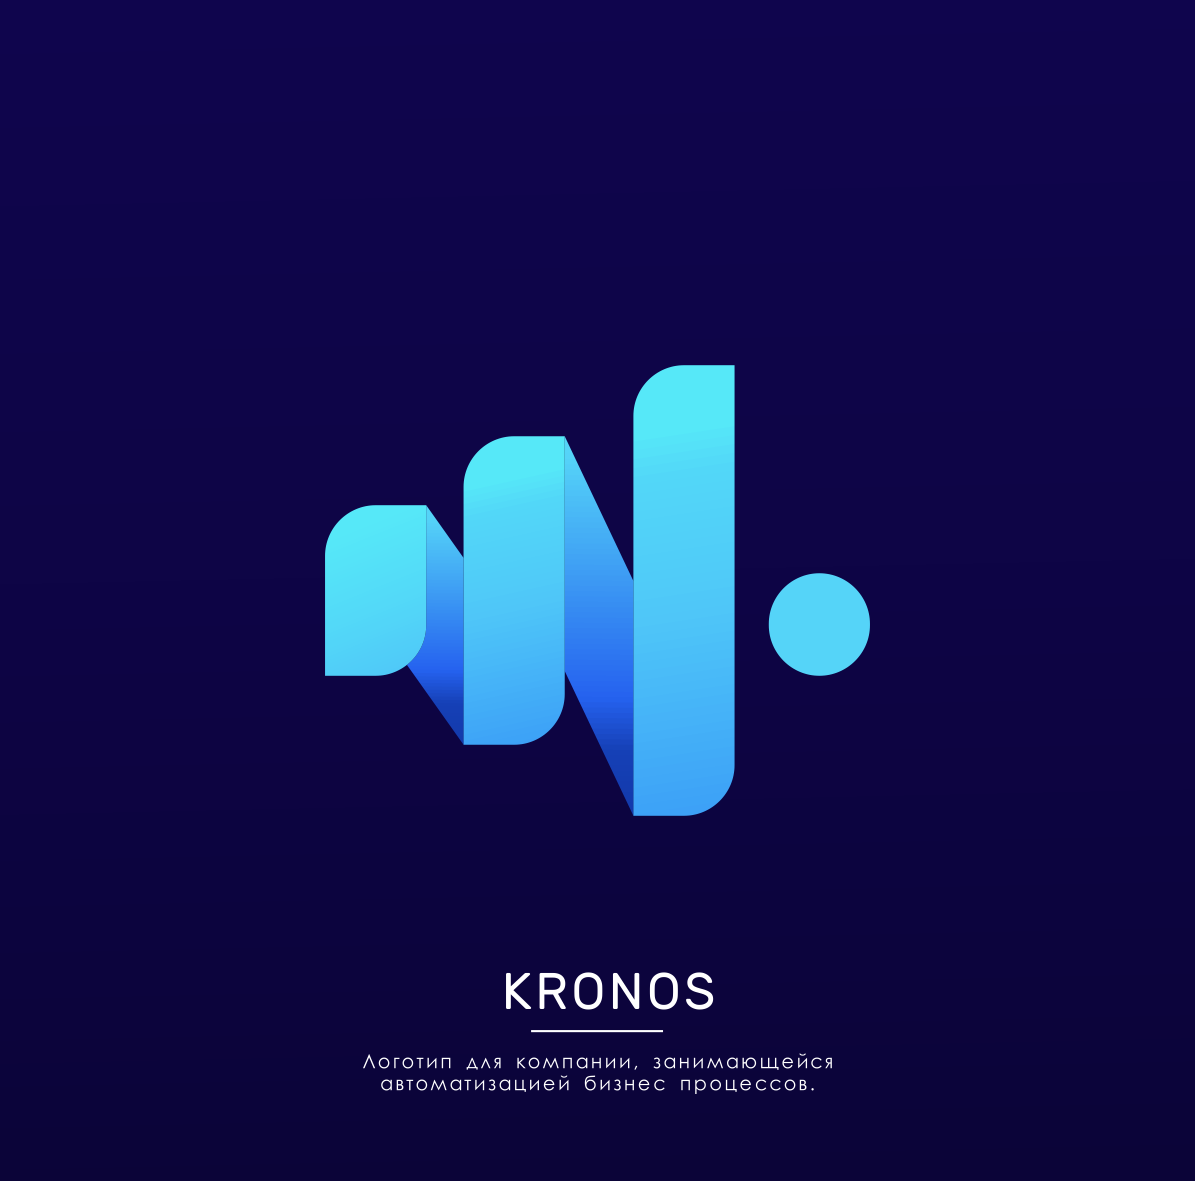 Разработать логотип KRONOS фото f_2255fb2189cbbd68.png